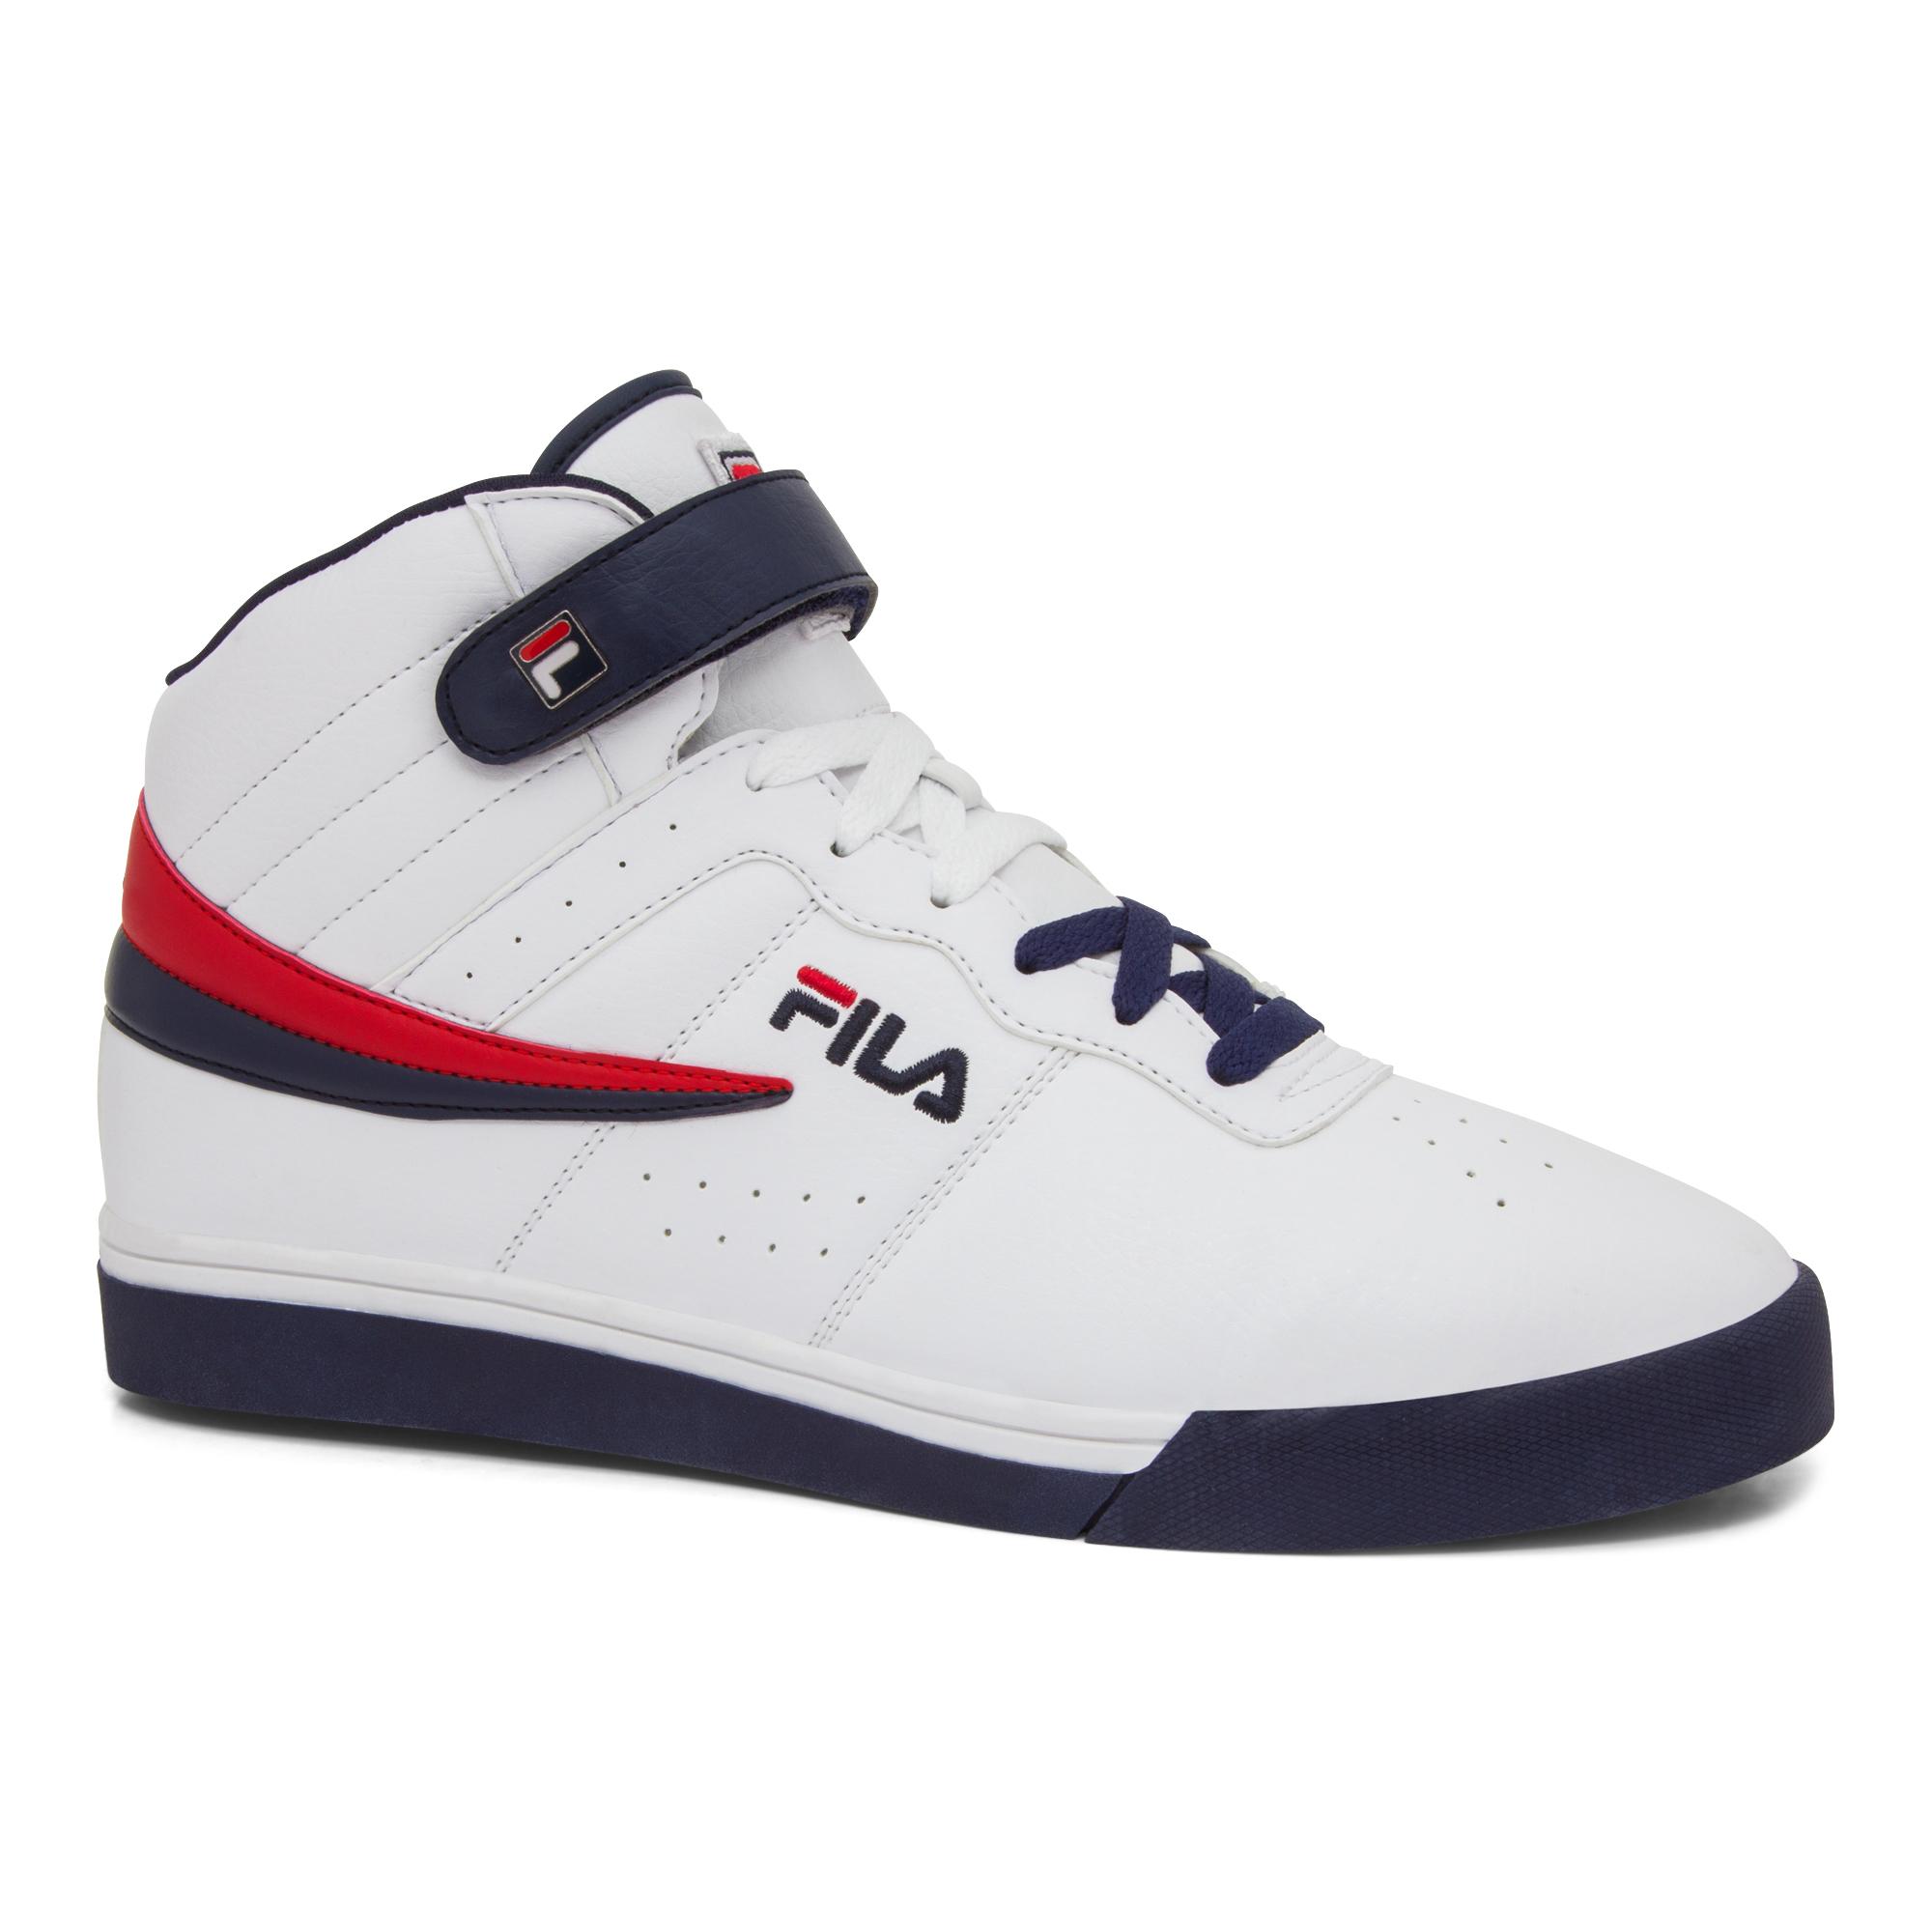 Vulc Hommes Fila 13 Chaussures v8AD7s